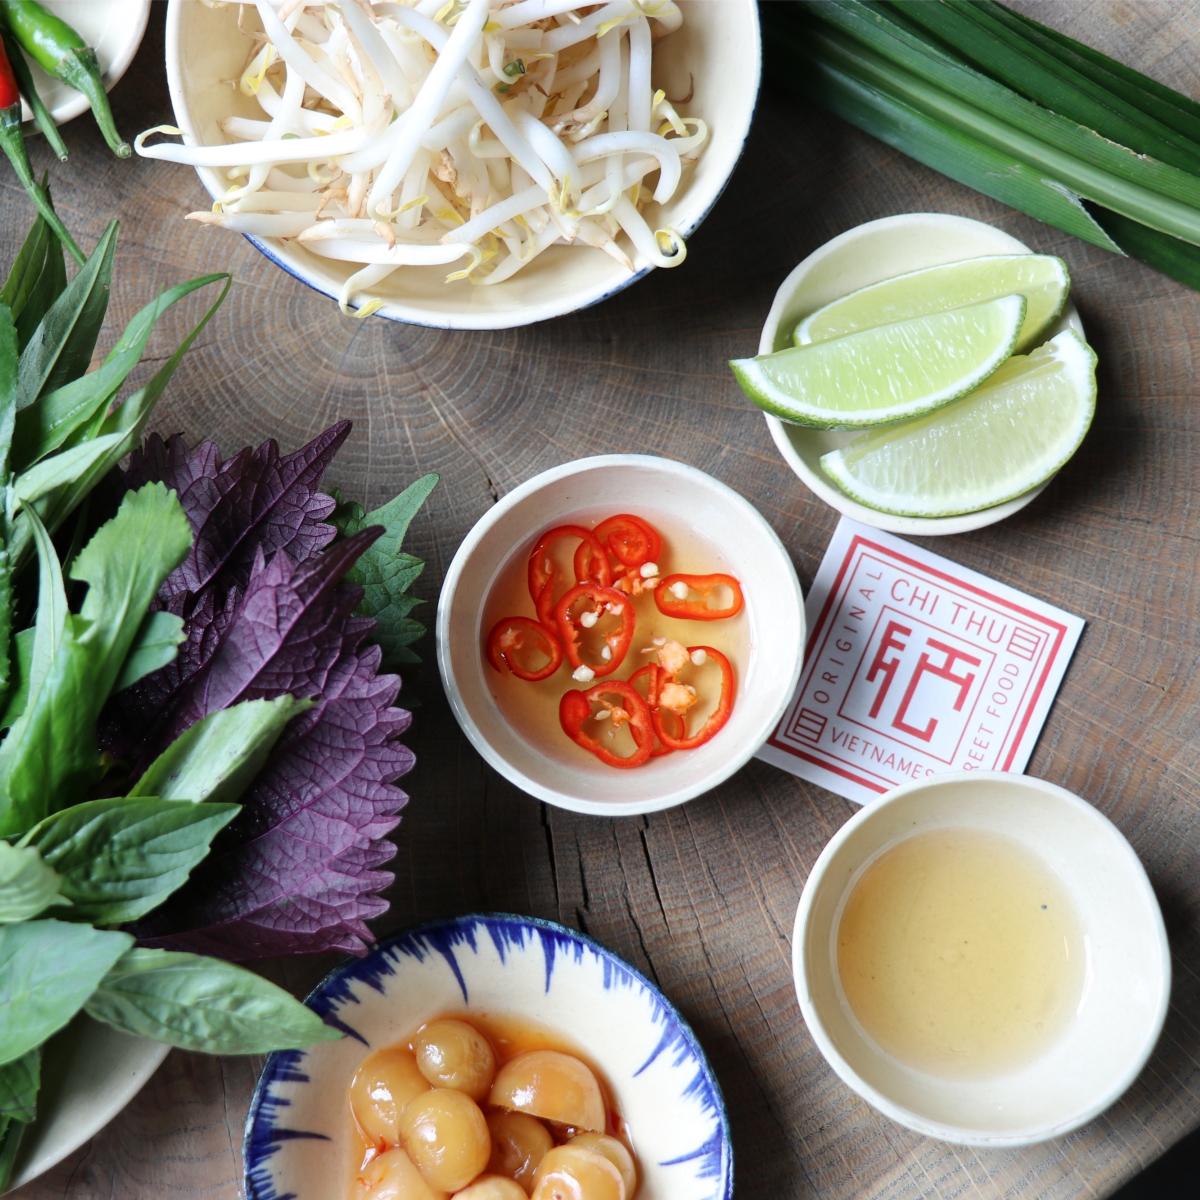 Chinesisches Restaurant Chi Thu in München